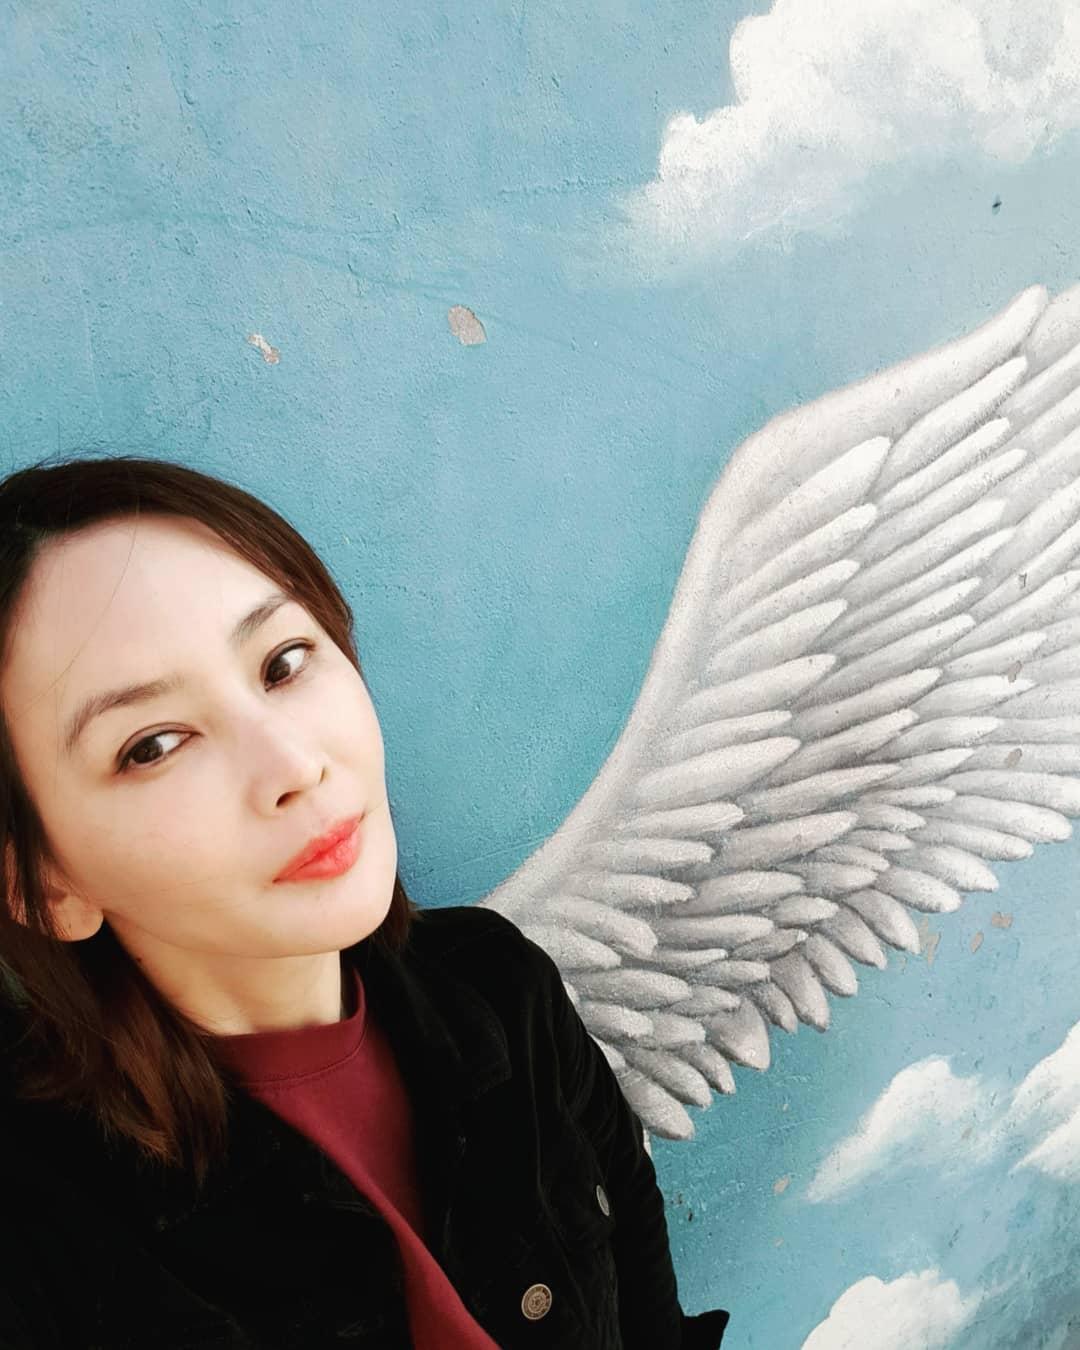 '우리 다시 사랑 할 수 있을까' 모델 박영선, 나이-전 남편과 이혼 사유' 등 재조명